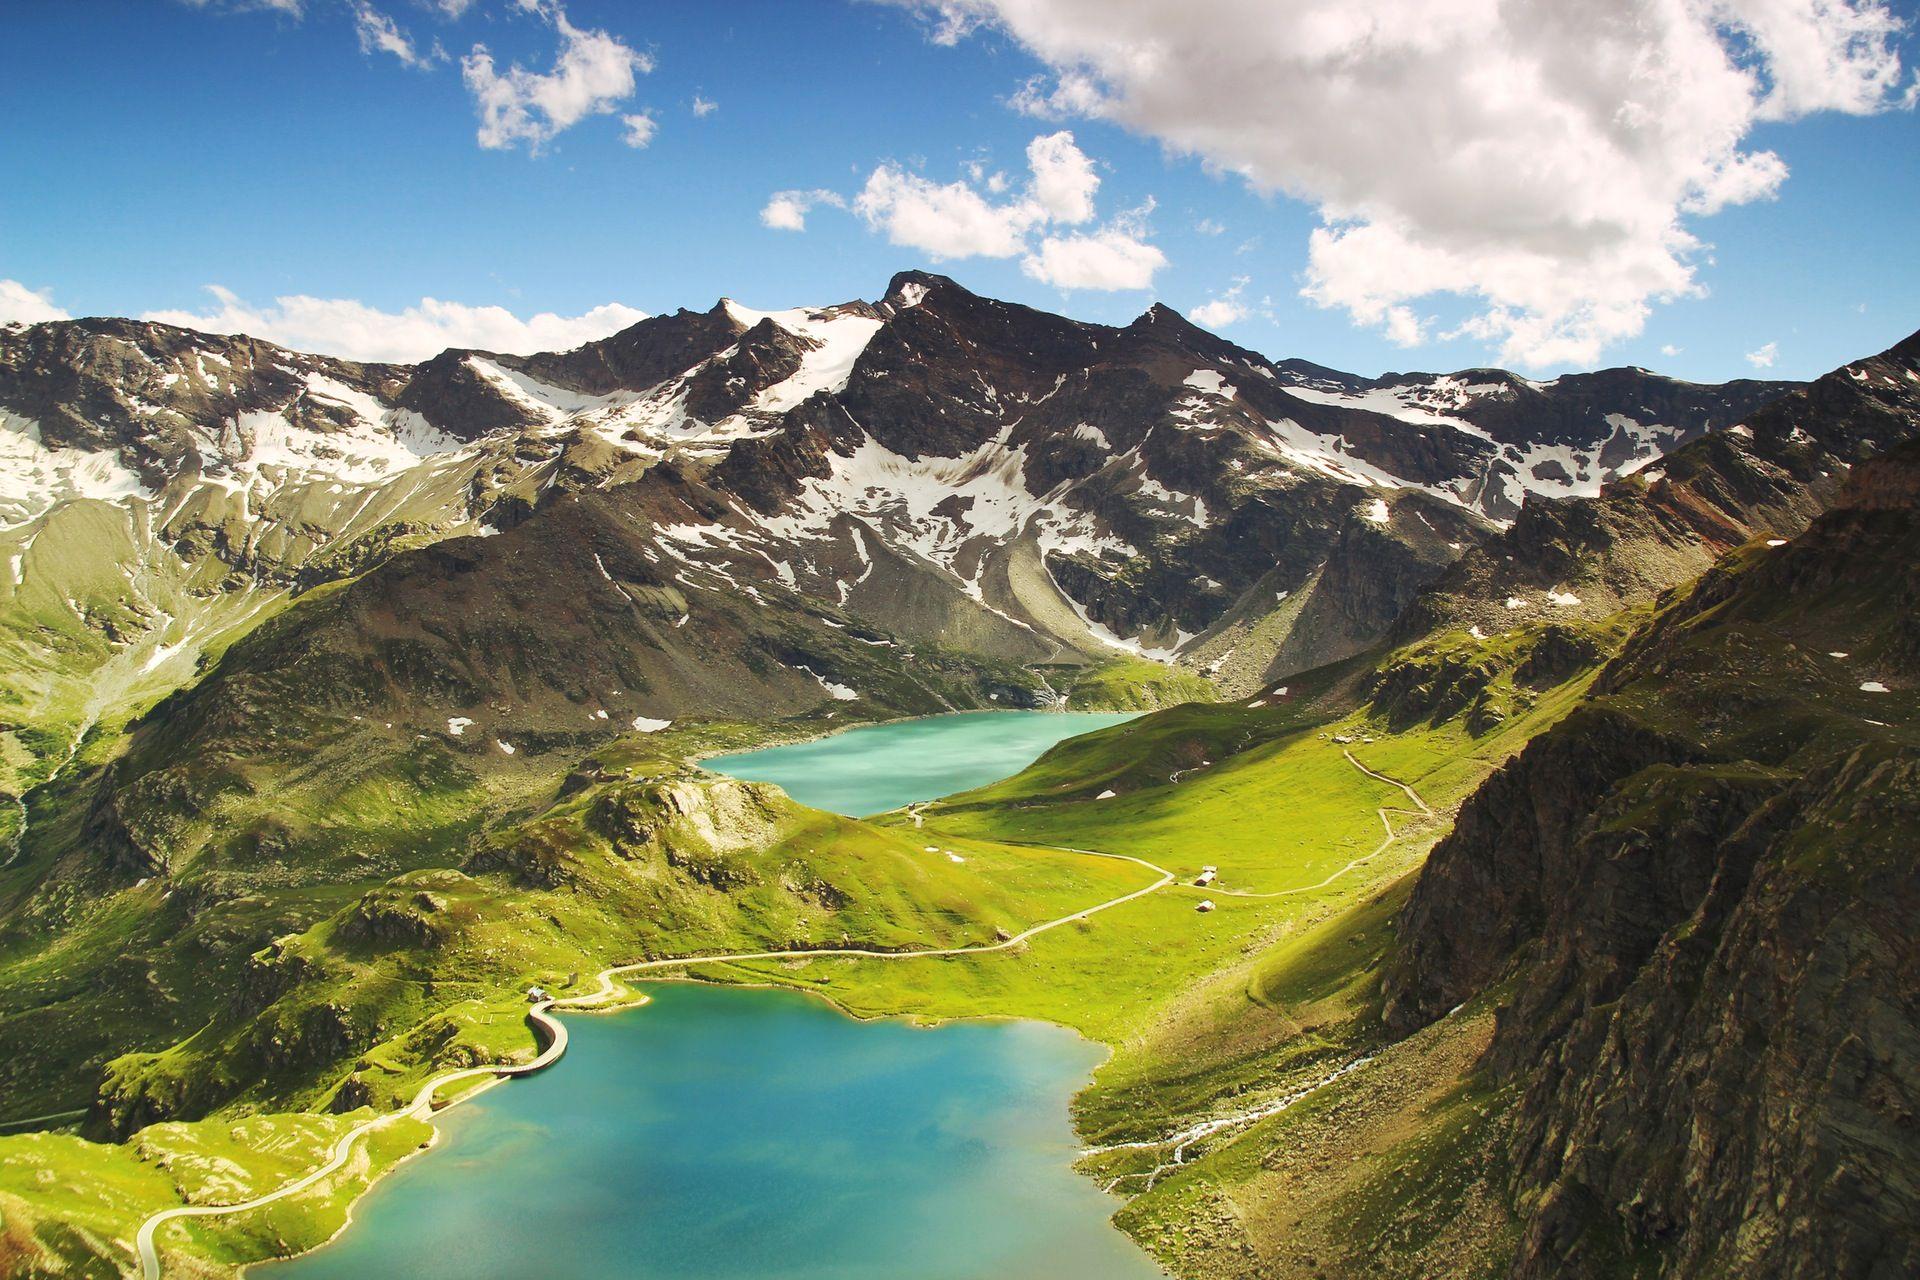 Lago Con Montañas Nevadas Hd: Montañas, Pradera, Lago, Nieve, Italia, Paisaje, Vista